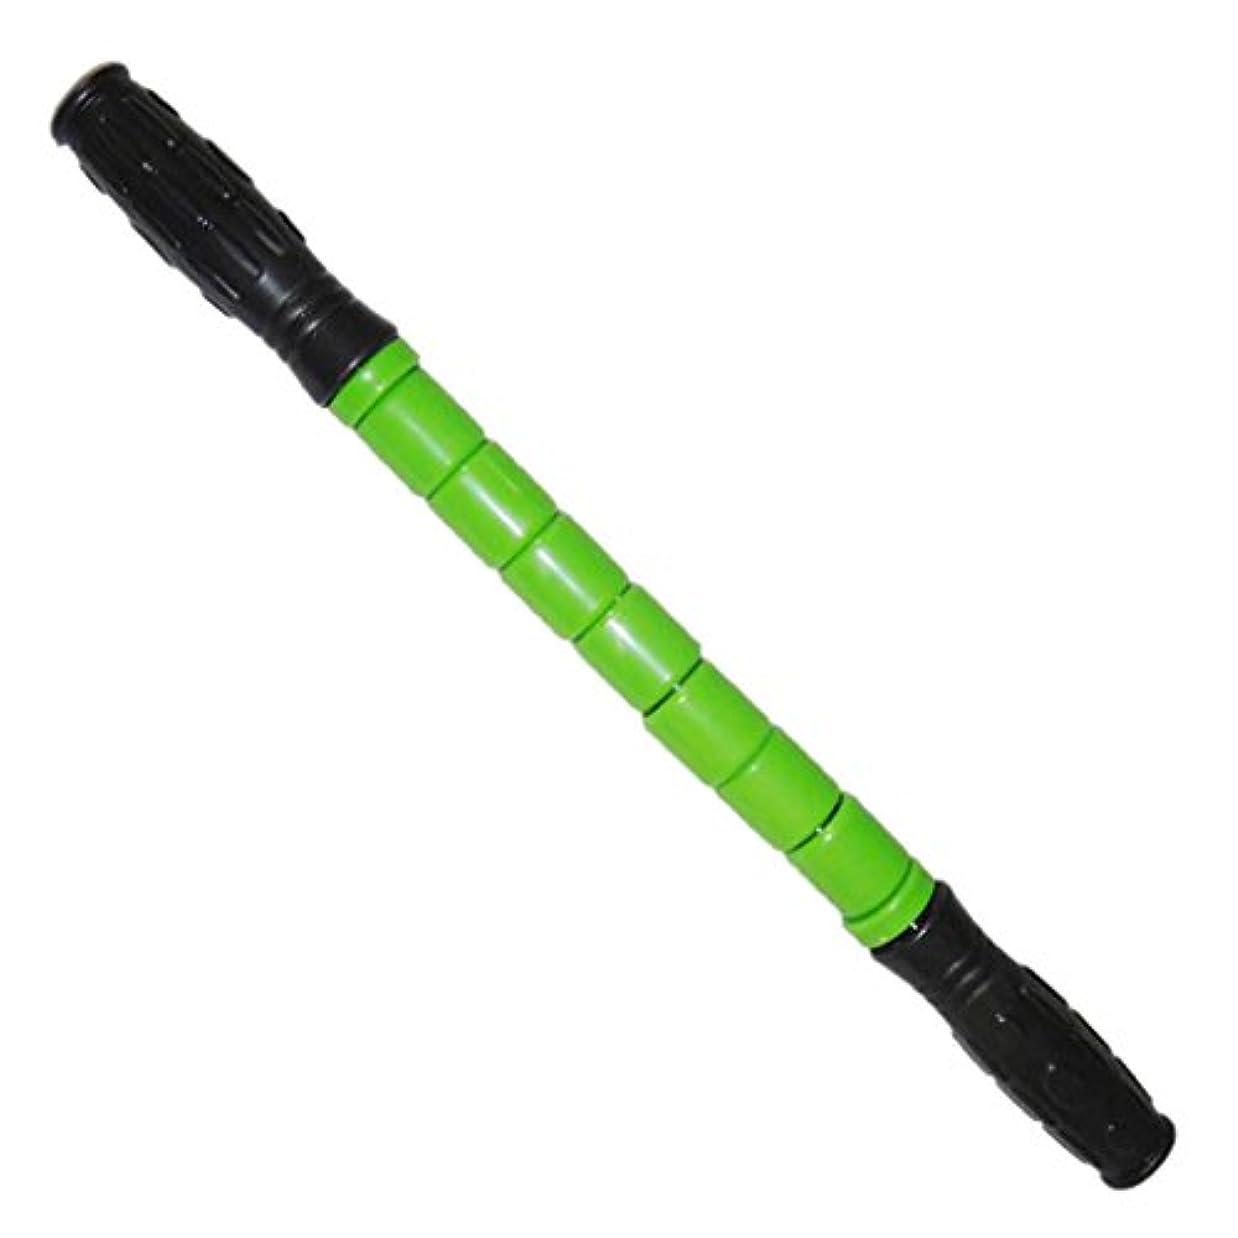 クロス知人プロテスタントスティック マッスル マッサージ ローラー 筋肉 グループ 痛み 疲れ 緩和 全3色 - 緑